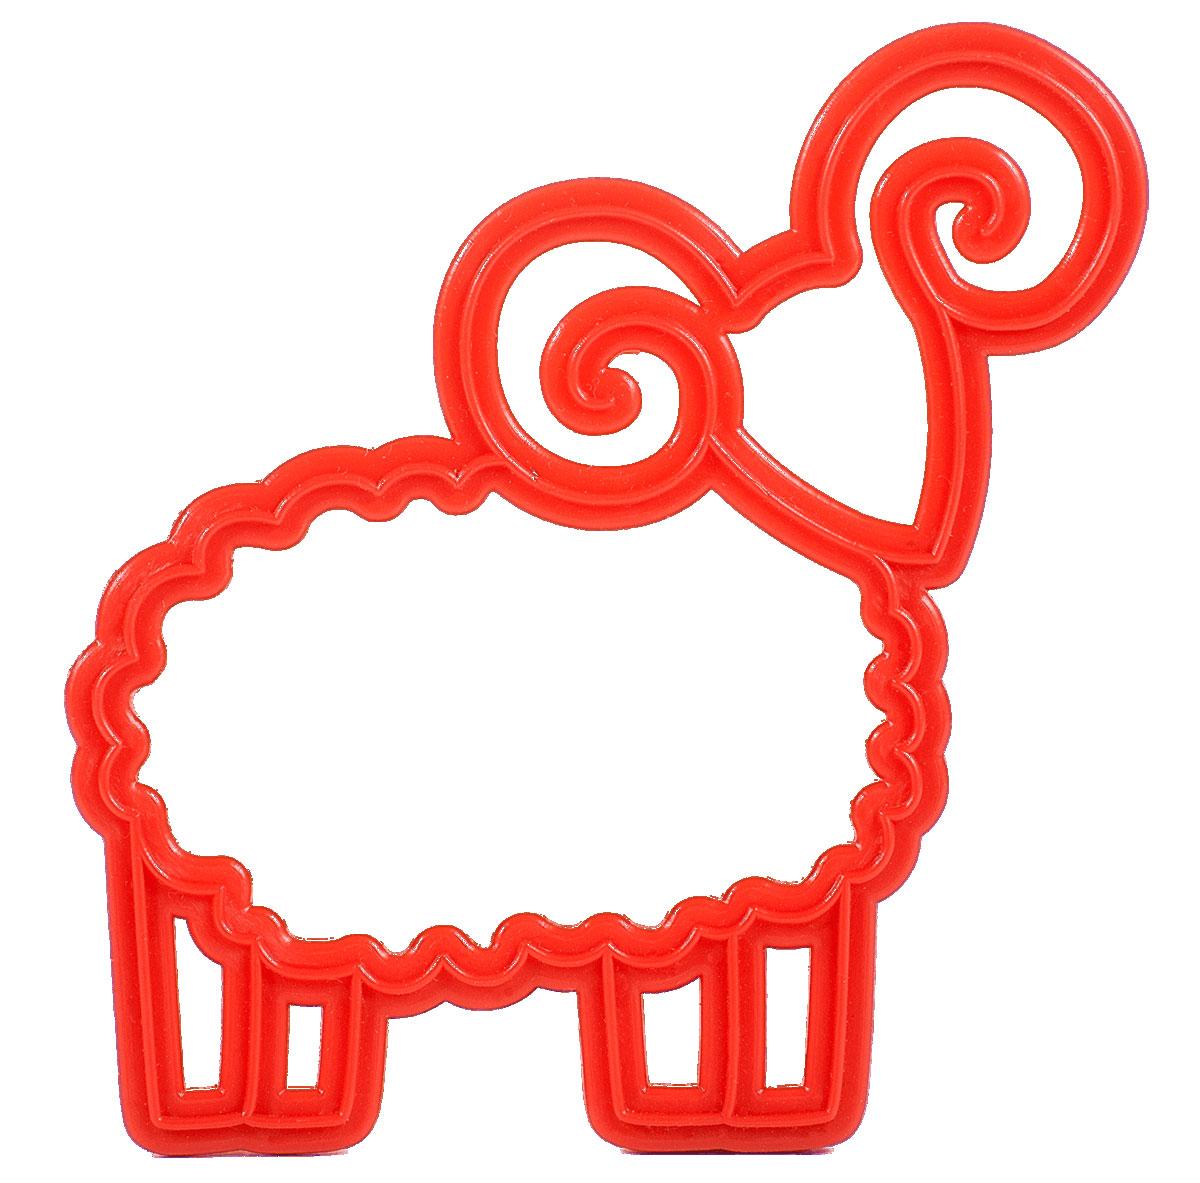 """Многоразовая форма из коллекции """"Знаки зодиака"""" подходит для вырезания песочного и  пряничного теста, для домашнего и профессионального использования. Просто поместите формочку на предварительно раскатанный пласт, оттисните узор, снимите. Вы  увидите не только контур, но и красивый внутренний рисунок. С помощью такой формы можно приготовить сладости своими руками: испеките печенье или  пряник в виде Овна - угостите или подарите своим близким и друзьям. Ваши """"овны"""" будут в  восторге."""